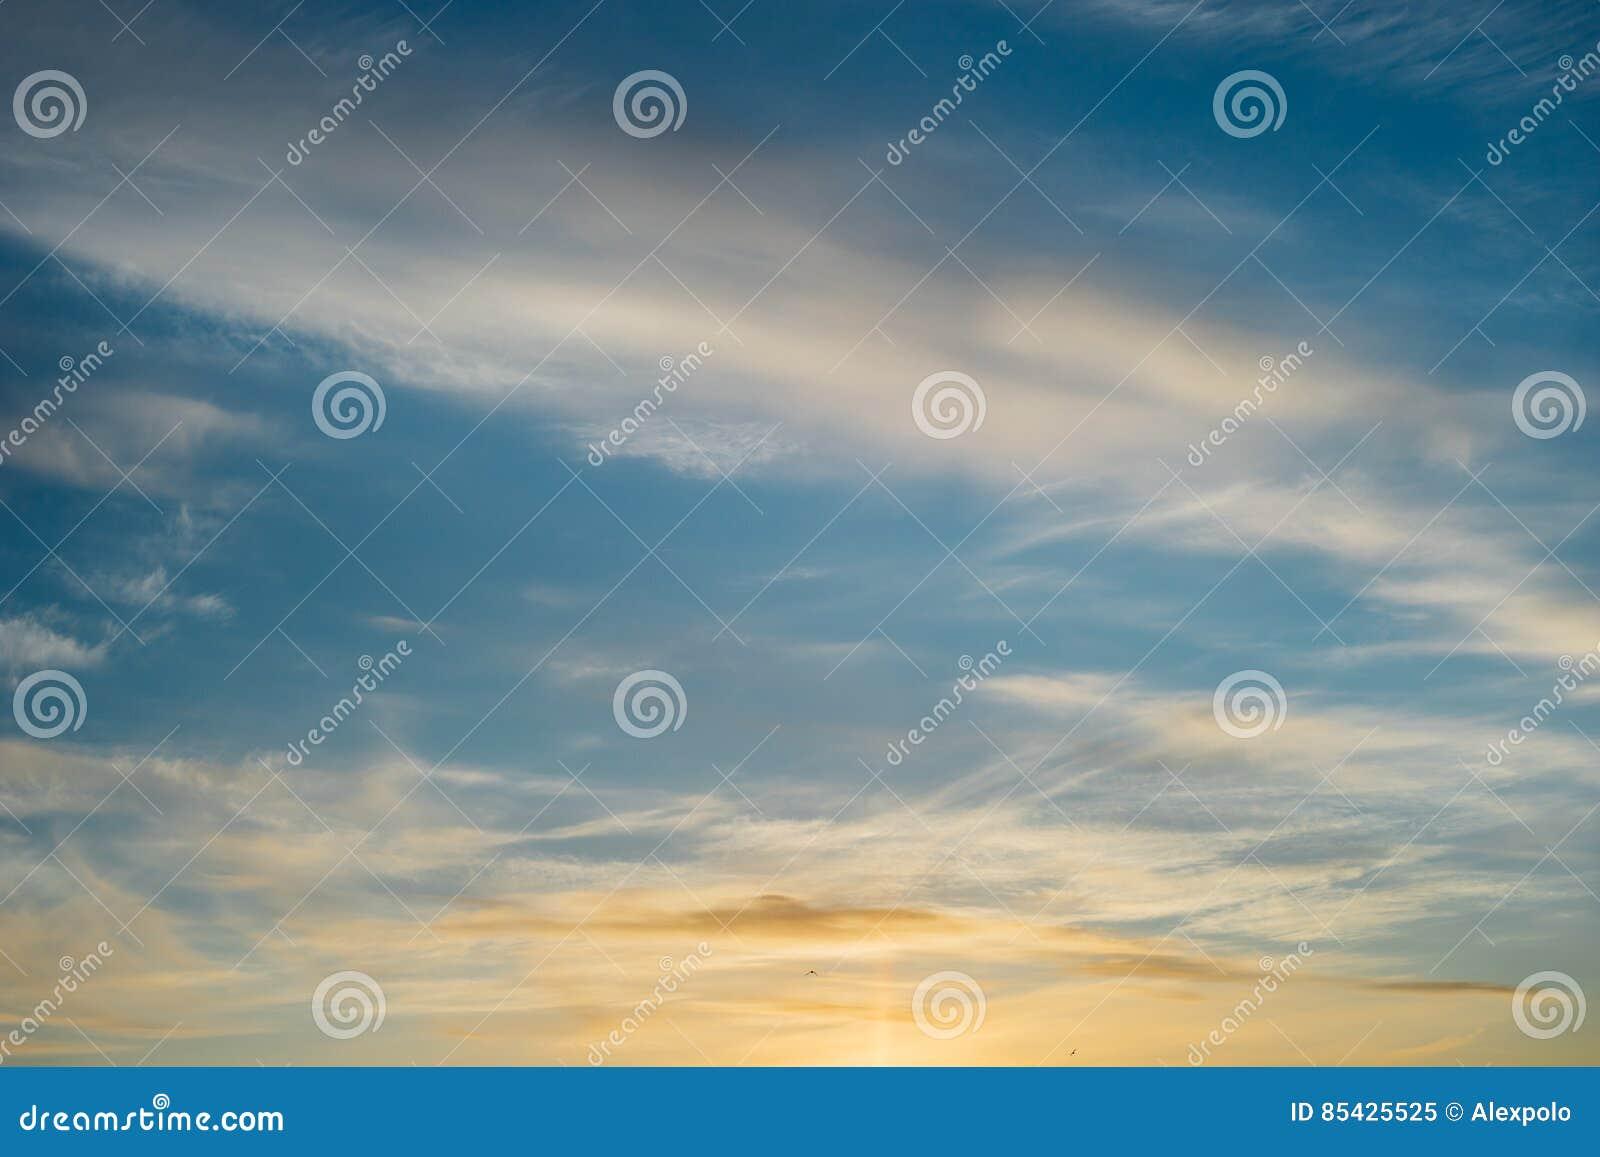 Υπερφυσικά cirrus σύννεφα στο μπλε ουρανό